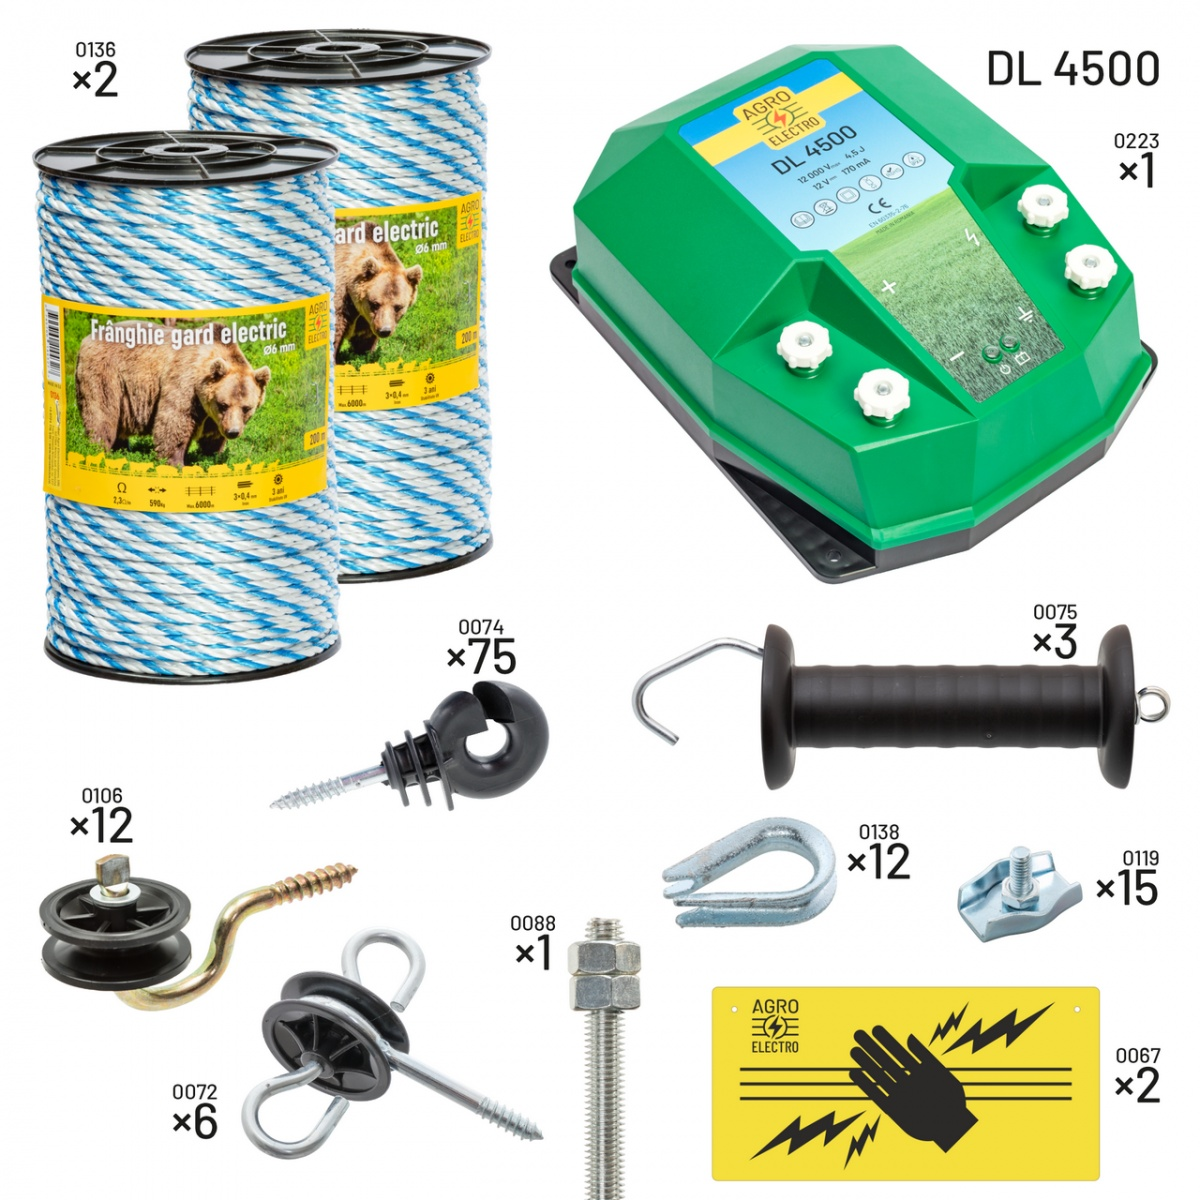 Pachet gard electric pentru apicultori. Cu DL4500, alimentare de la 12V